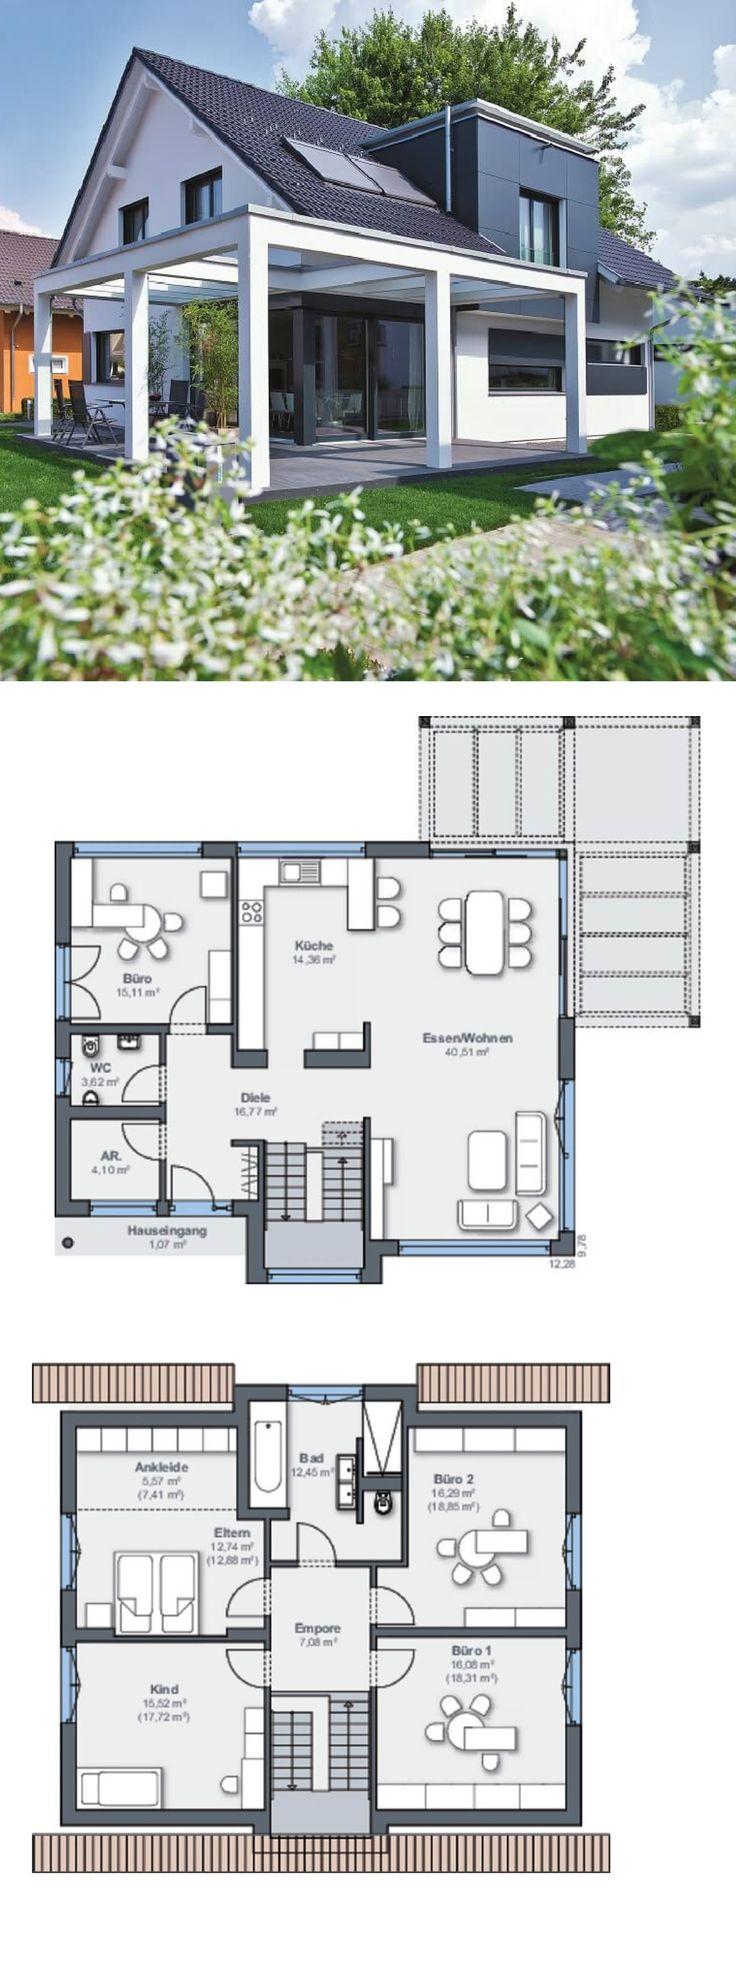 Einfamilienhaus Neubau Design modern mit Satteldach Architektur & Pergola Anbau …